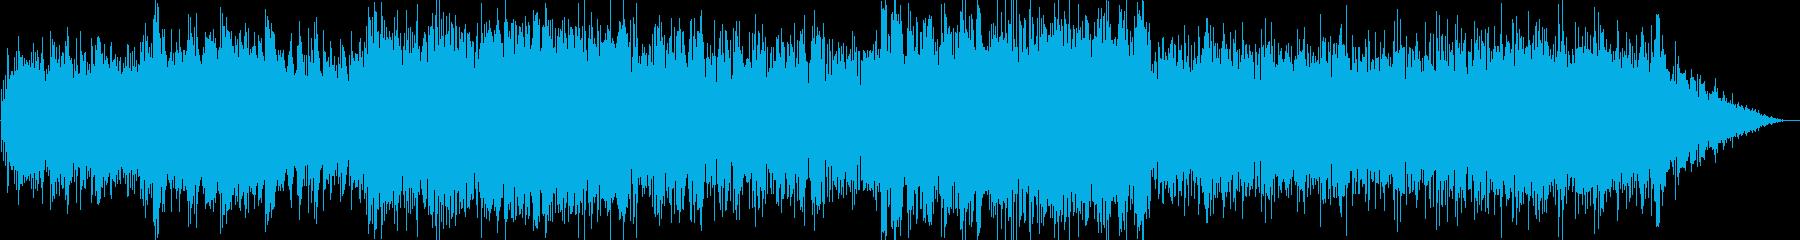 ピアノとエレピのジャズバラード楽曲の再生済みの波形